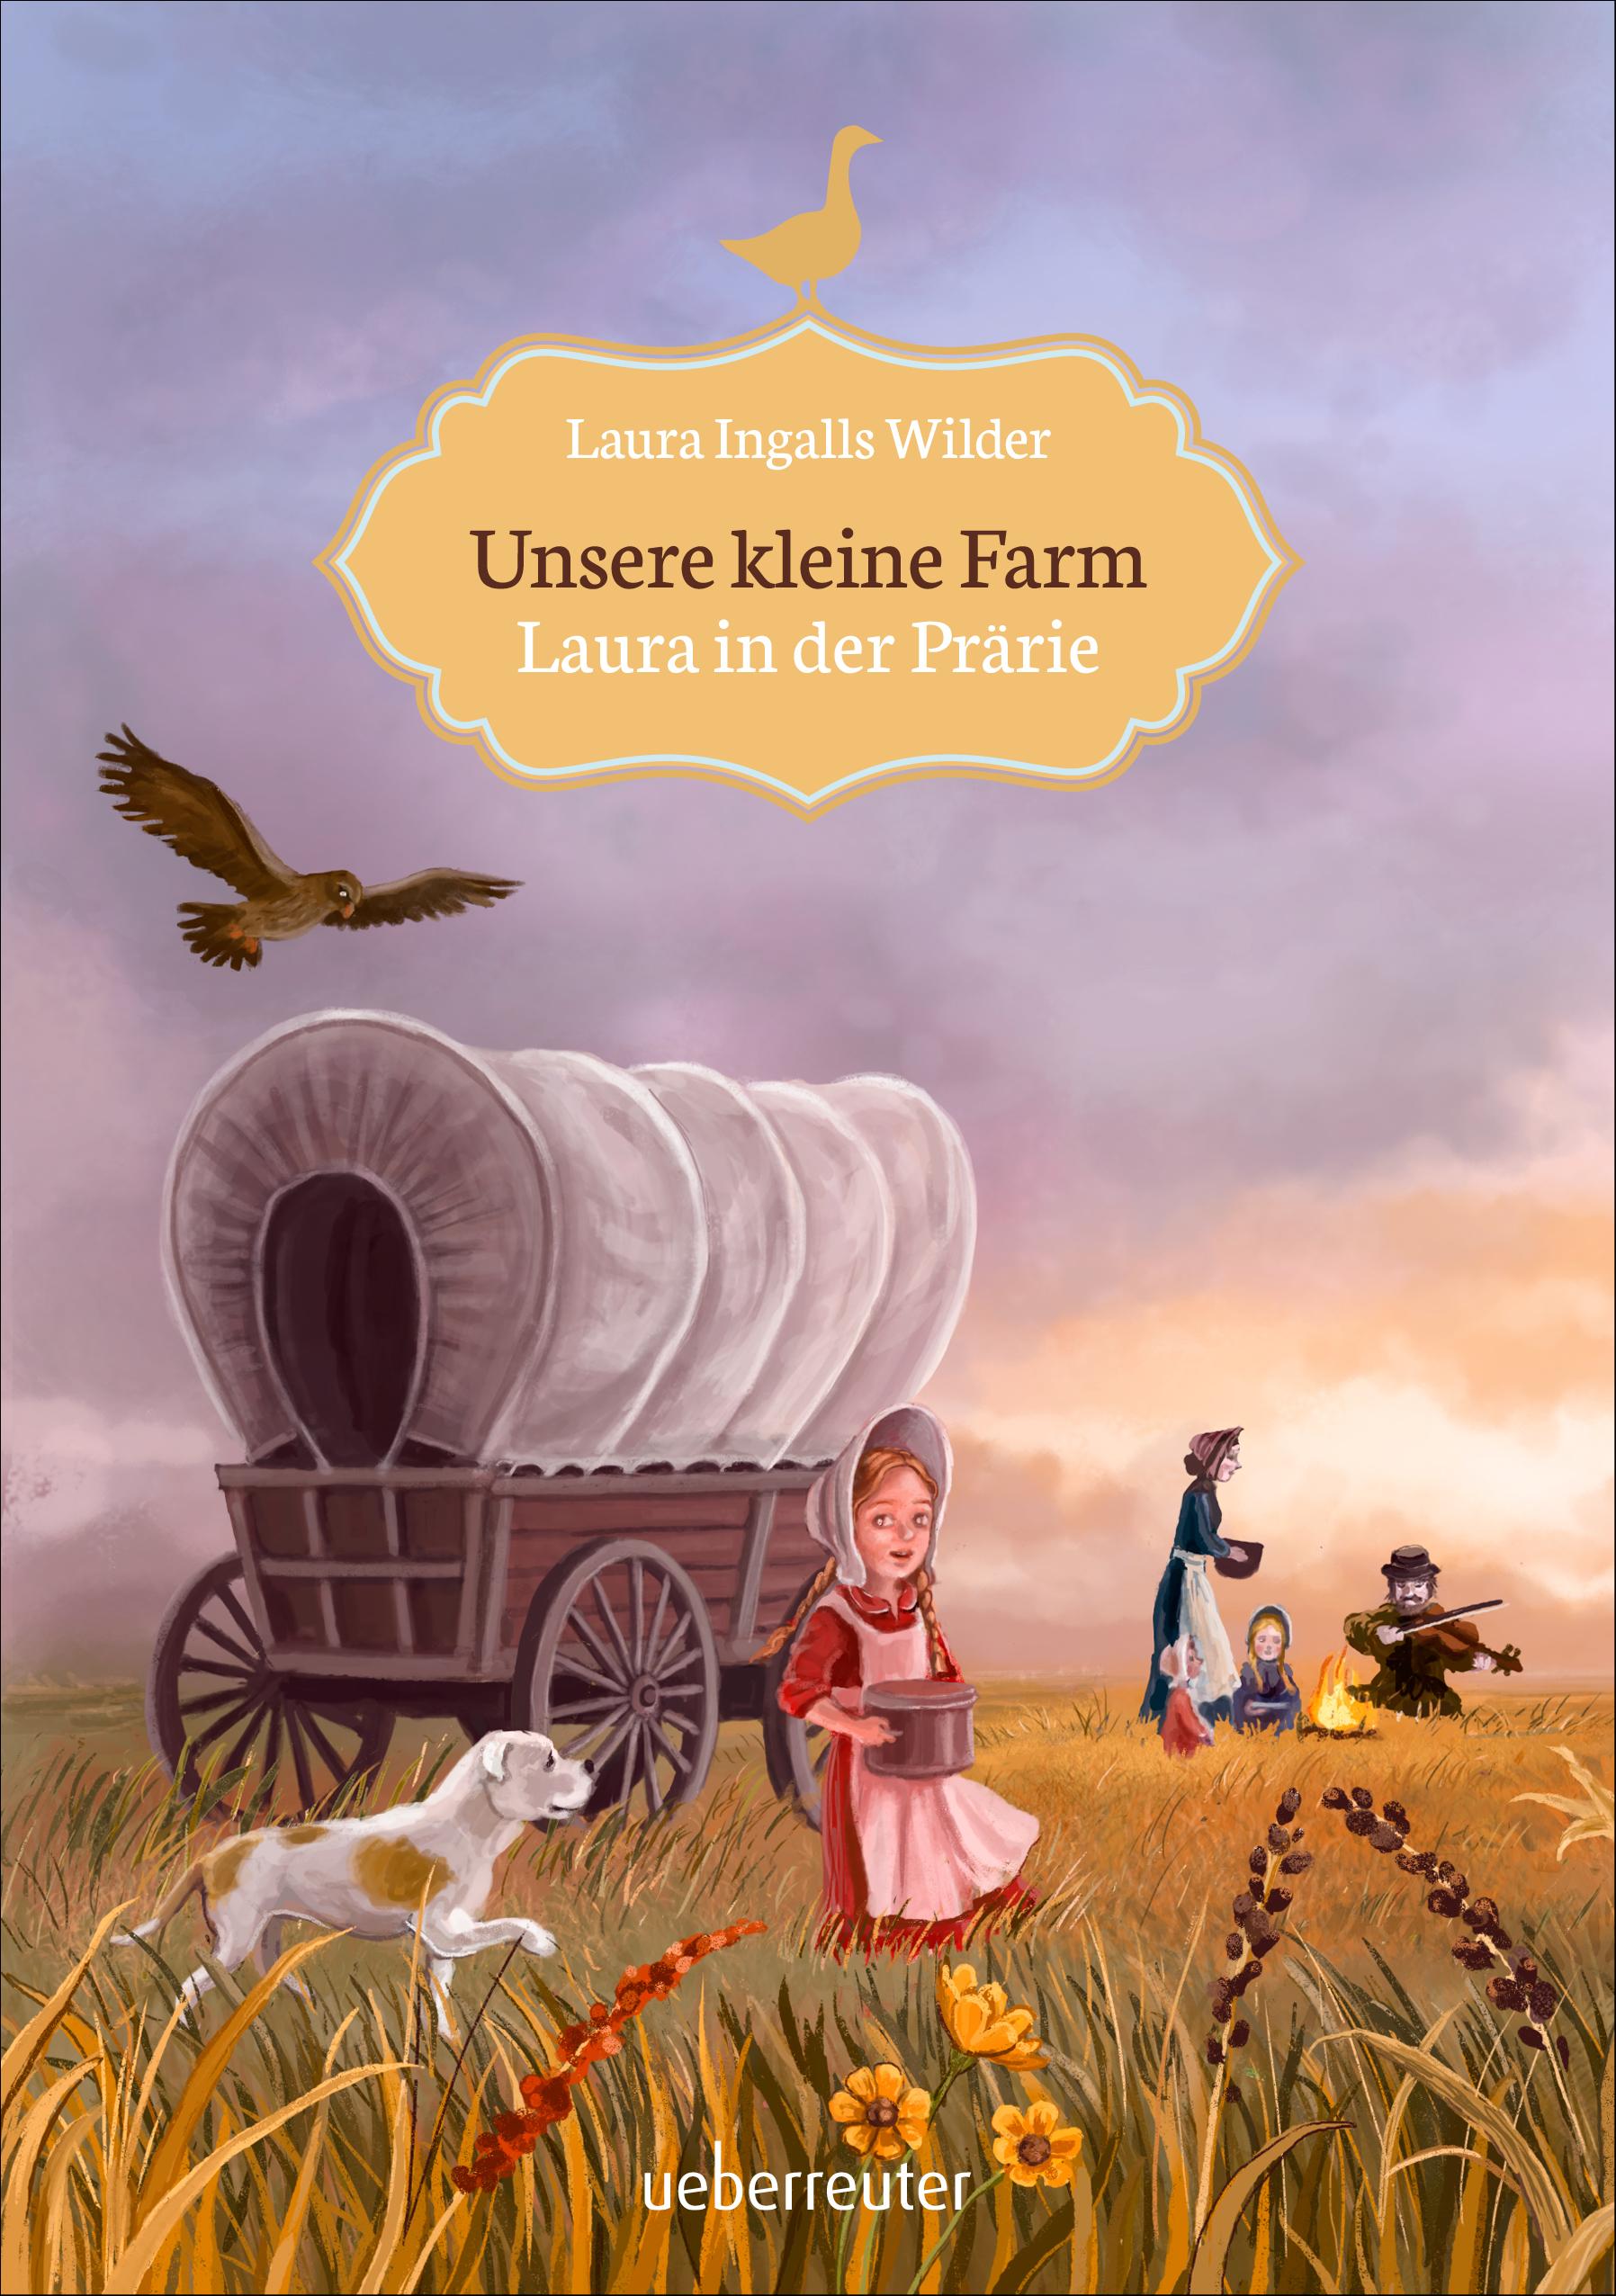 Unsere kleine Farm – Laura in der Prärie (Unsere kleine Farm, Bd. 2)